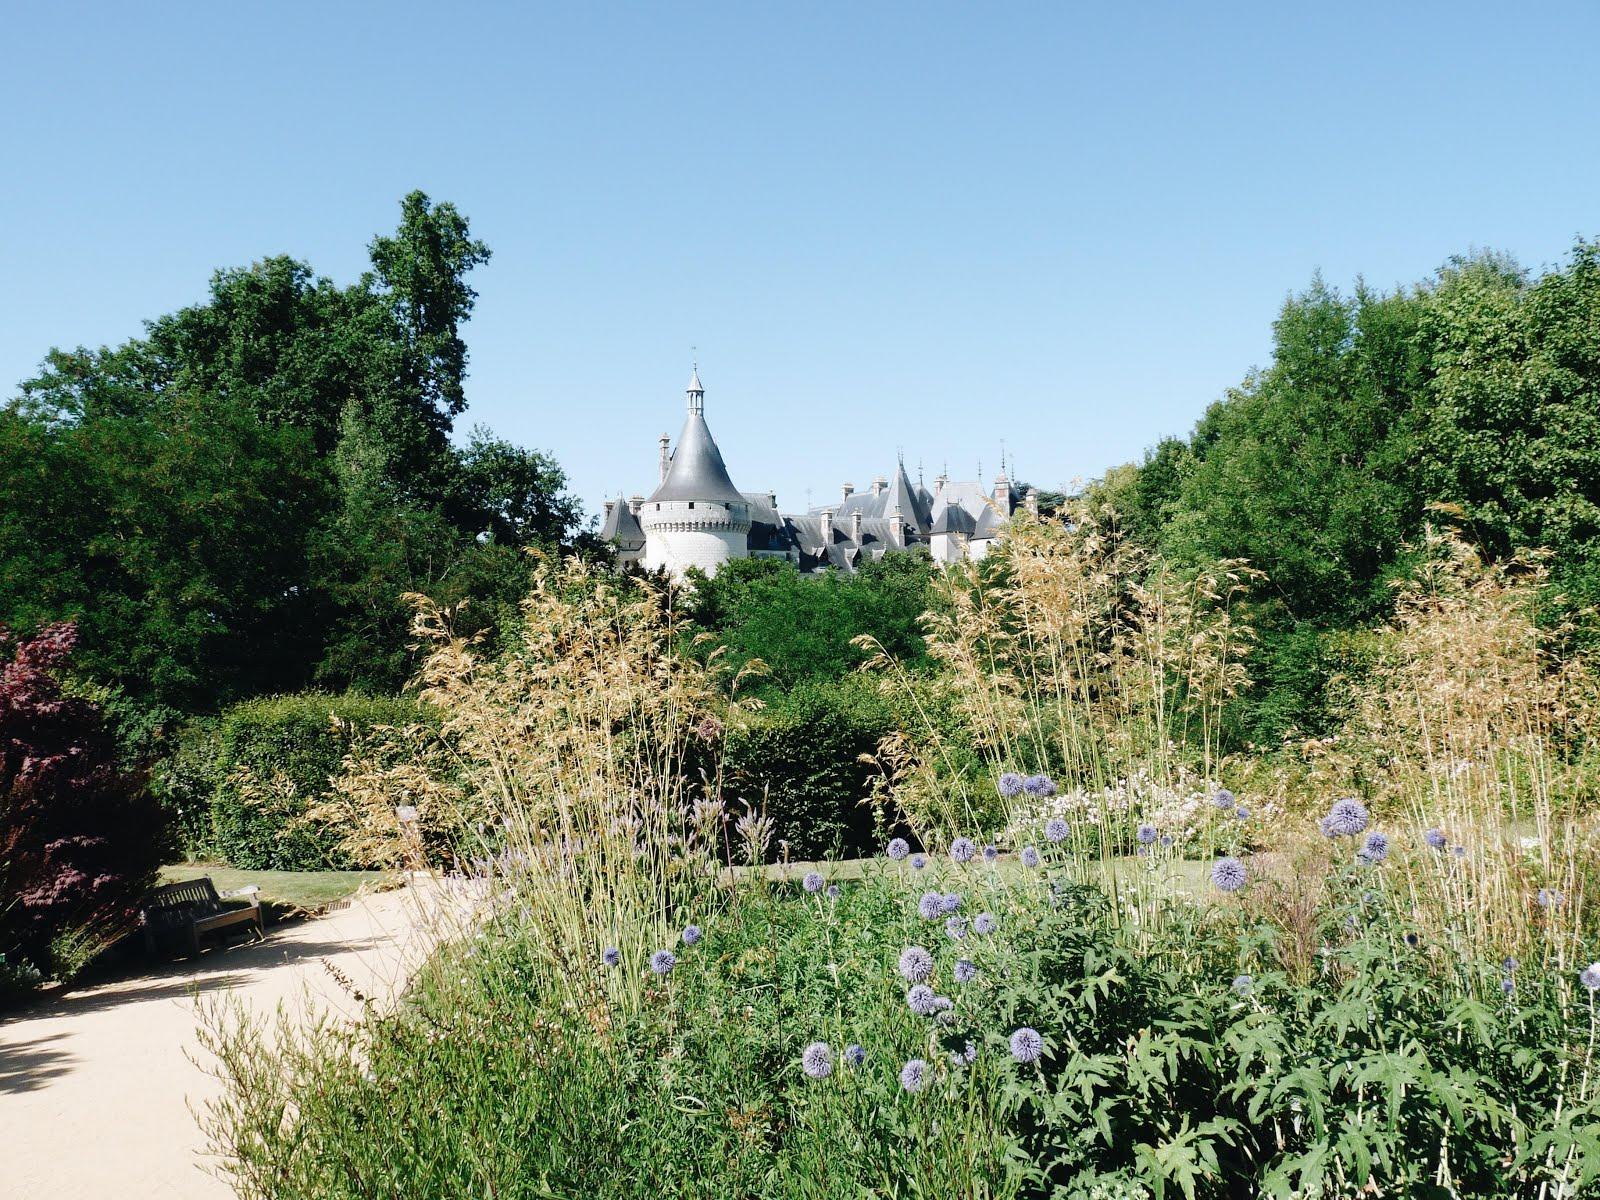 garden chaumont-sur-Loire jardin chaumont-sur-loire loire valley vacances visite festival blois summer été